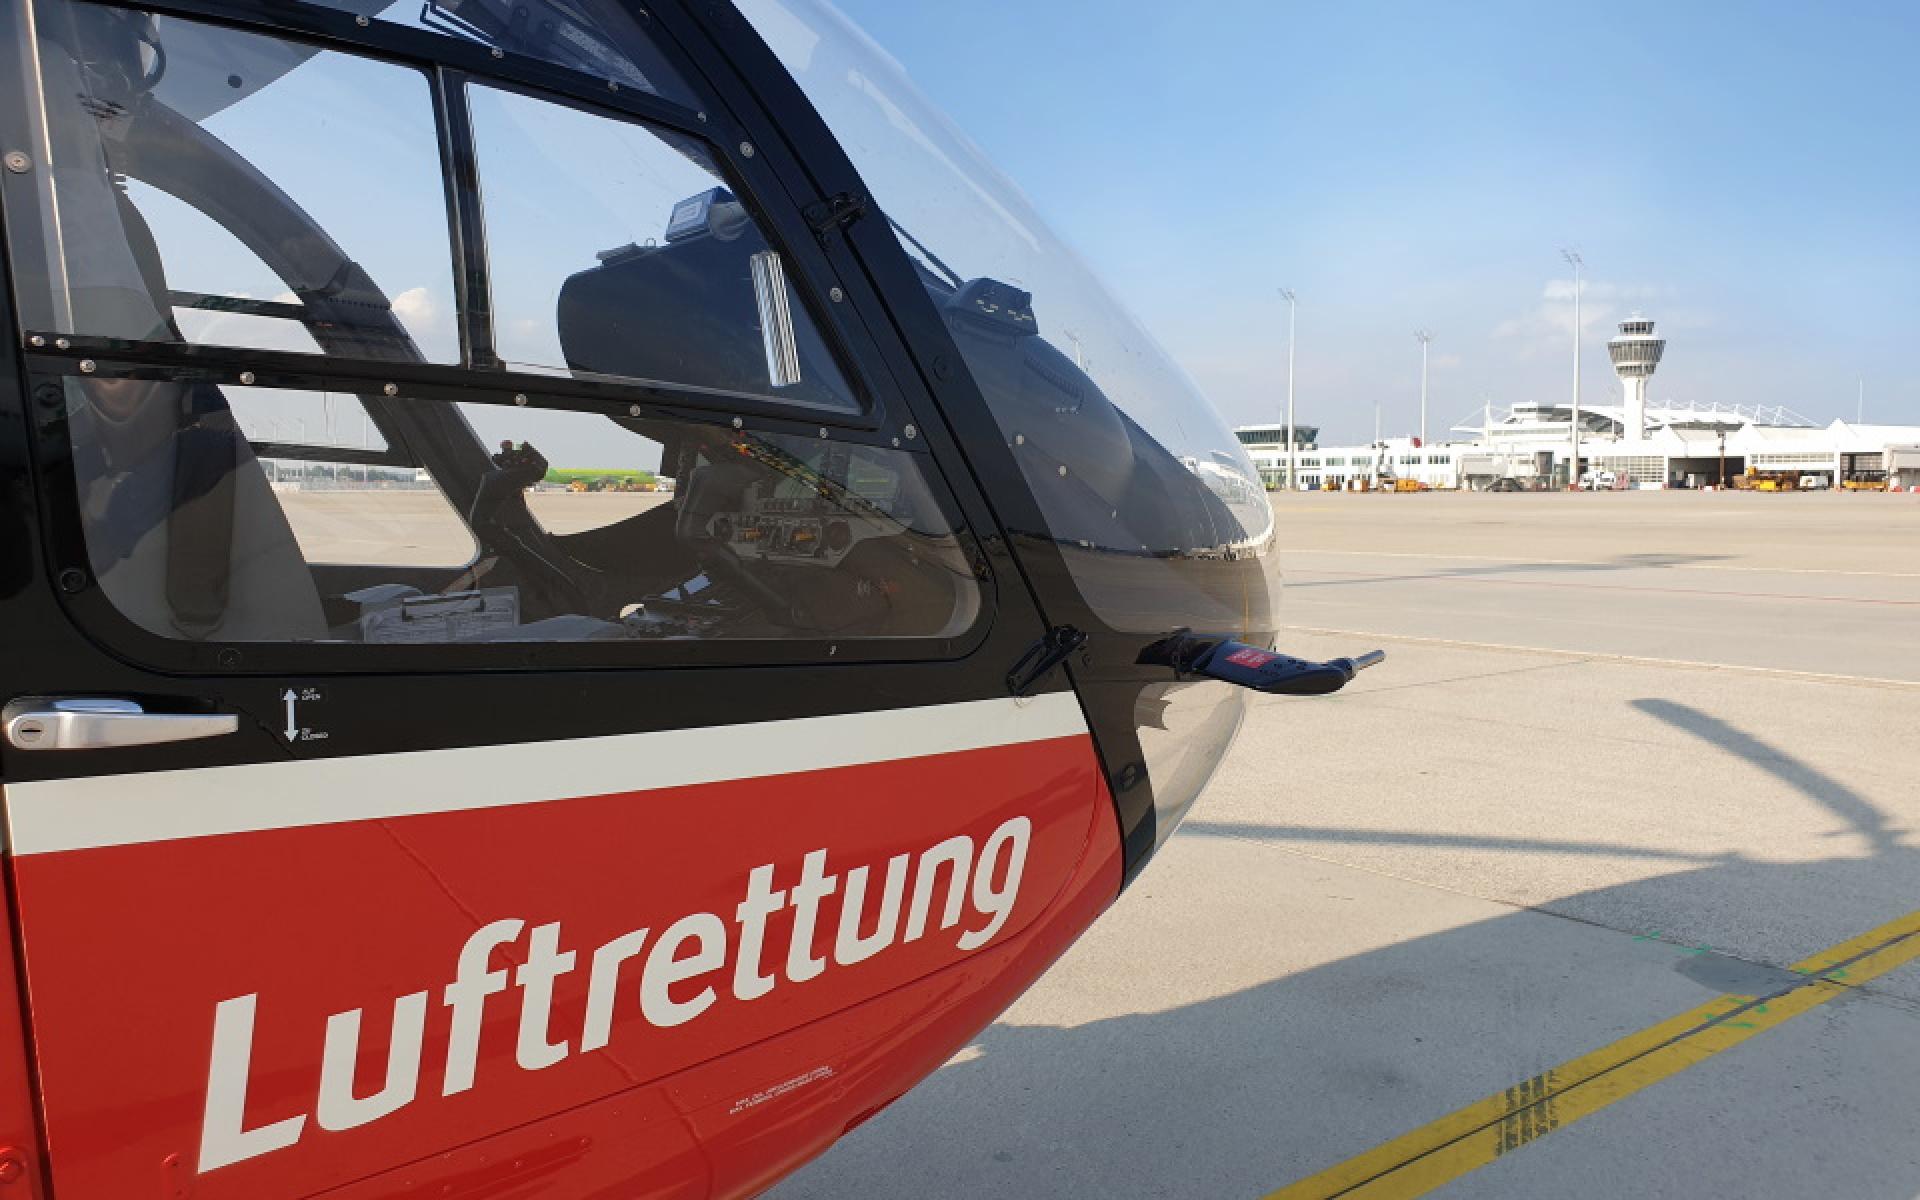 Nach 15 Minuten erreicht die Crew der DRF Luftrettung den Flughafen im Nordosten der bayerischen Landeshauptstadt.